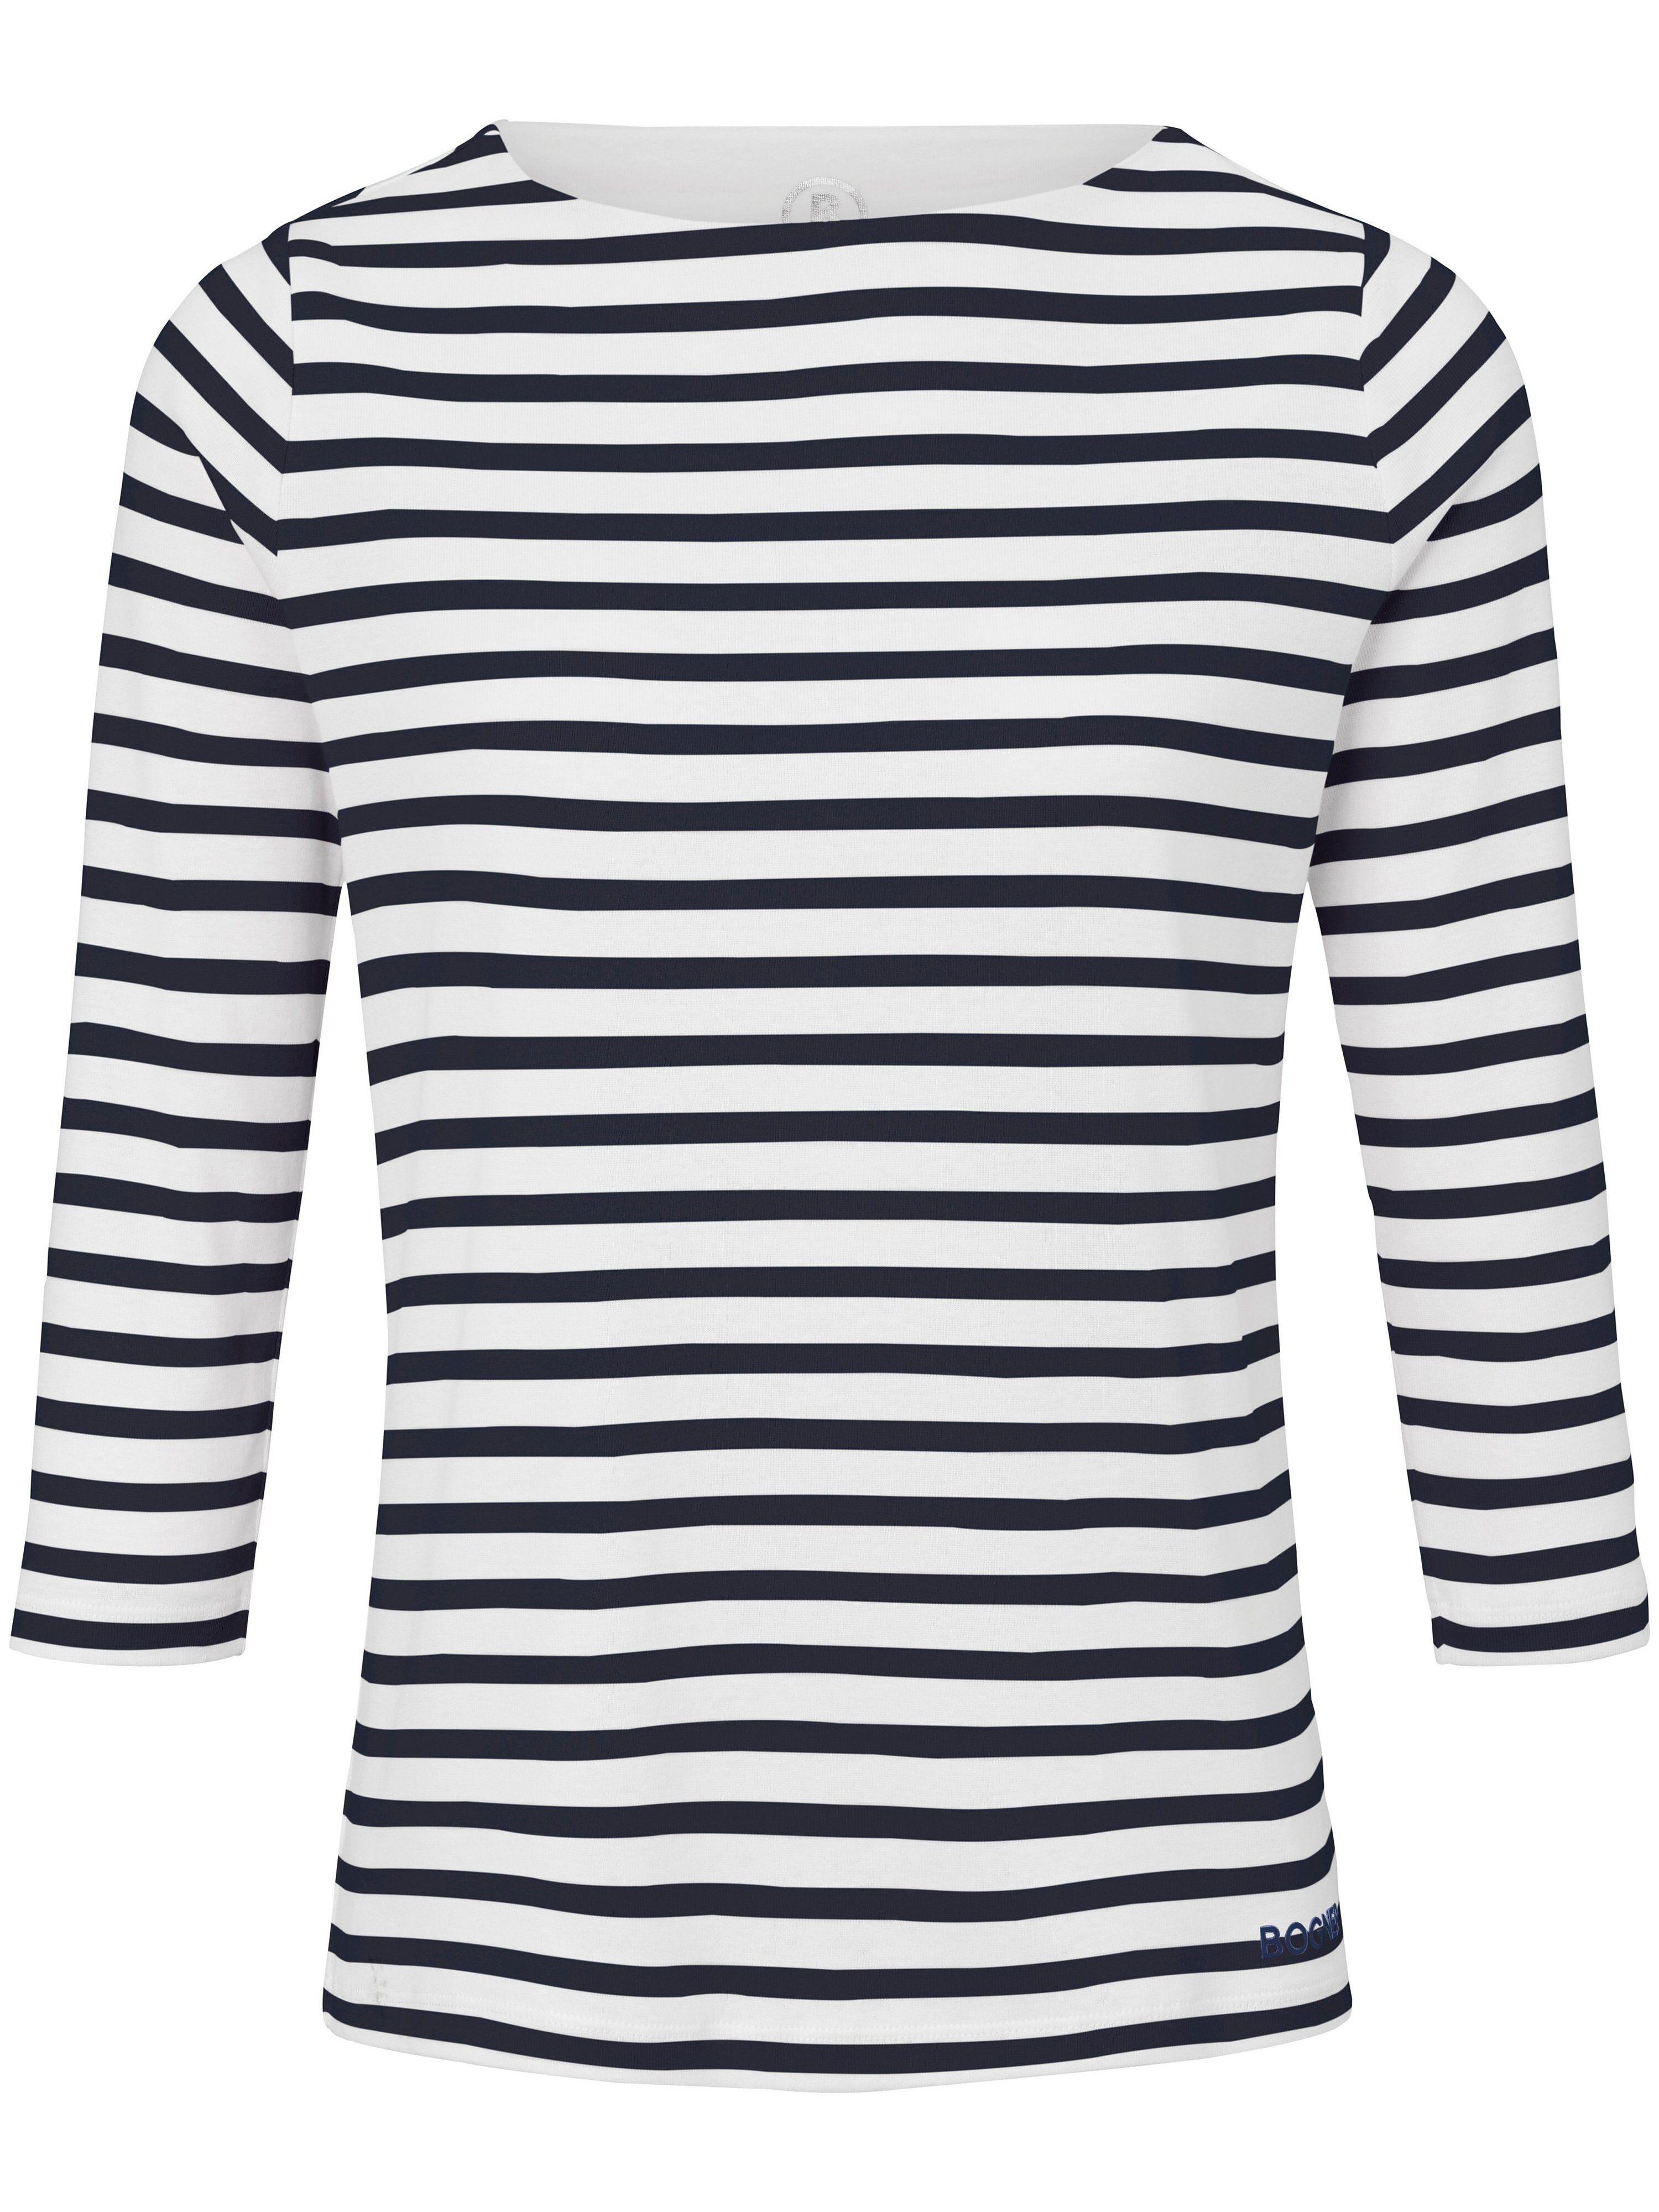 Bogner Le T-shirt 100% coton manches 3/4  Bogner blanc  - Femme - 42